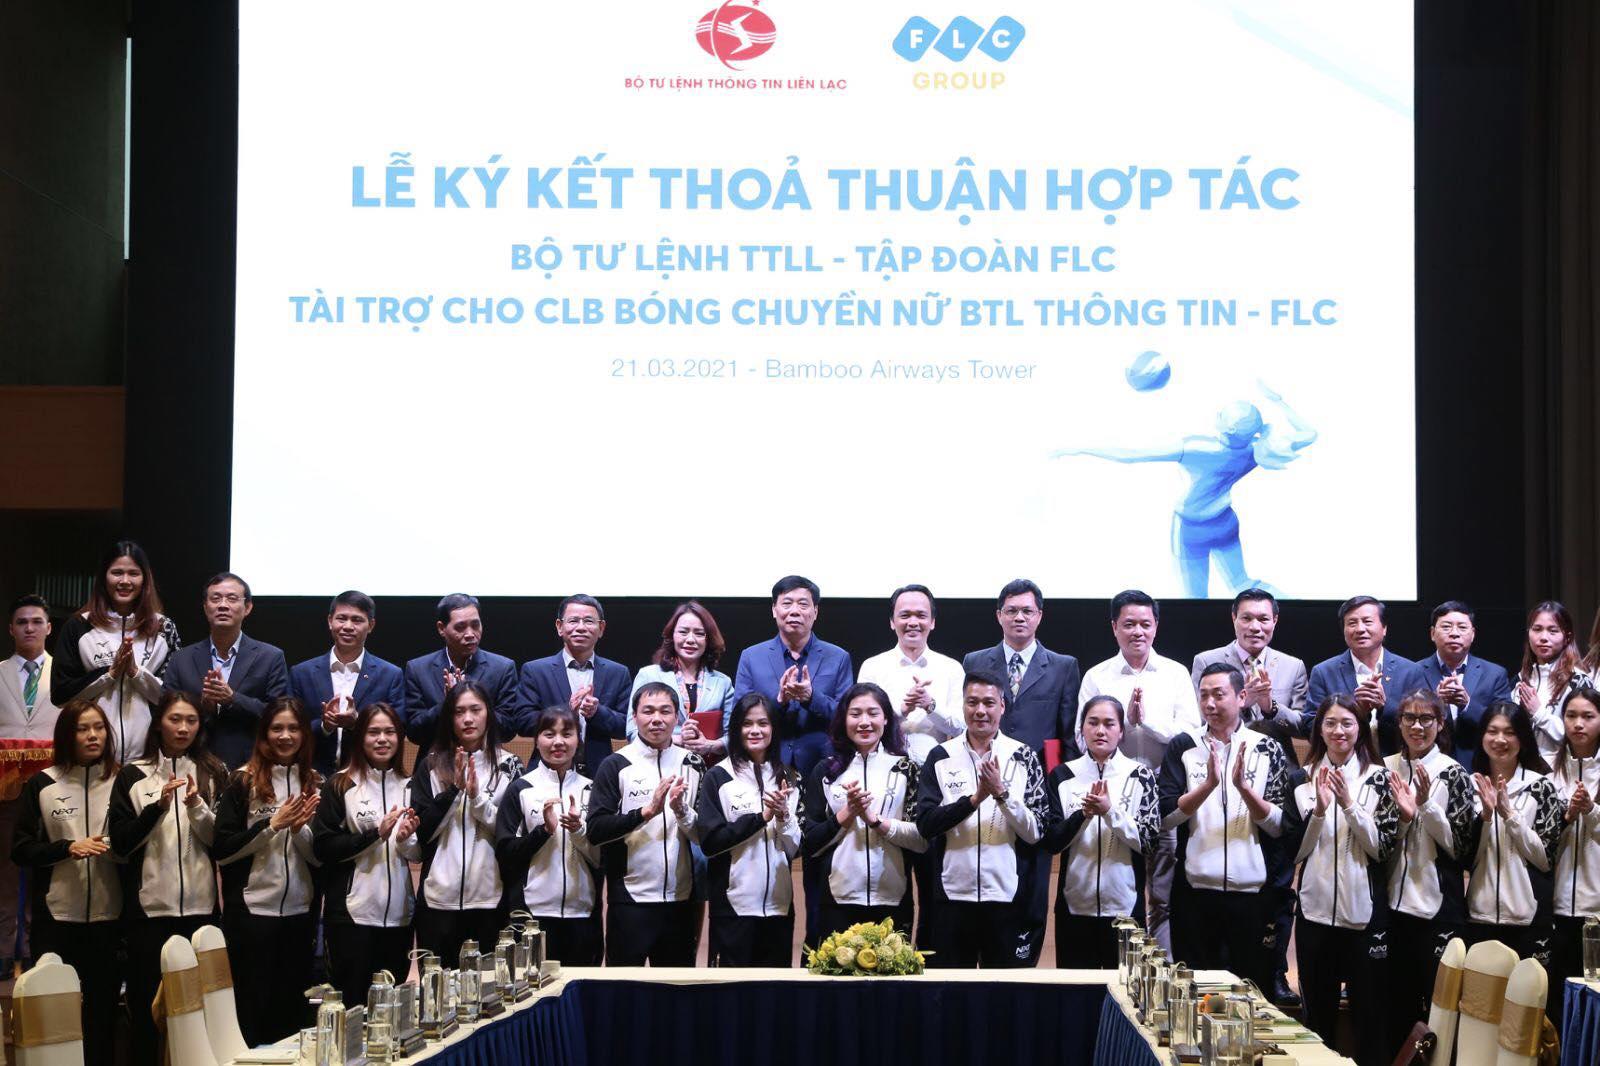 CLB bóng chuyền nữ Bộ Tư Lệnh Thông Tin nhận tài trợ khủng 20 tỉ đồng/năm từ tập đoàn FLC